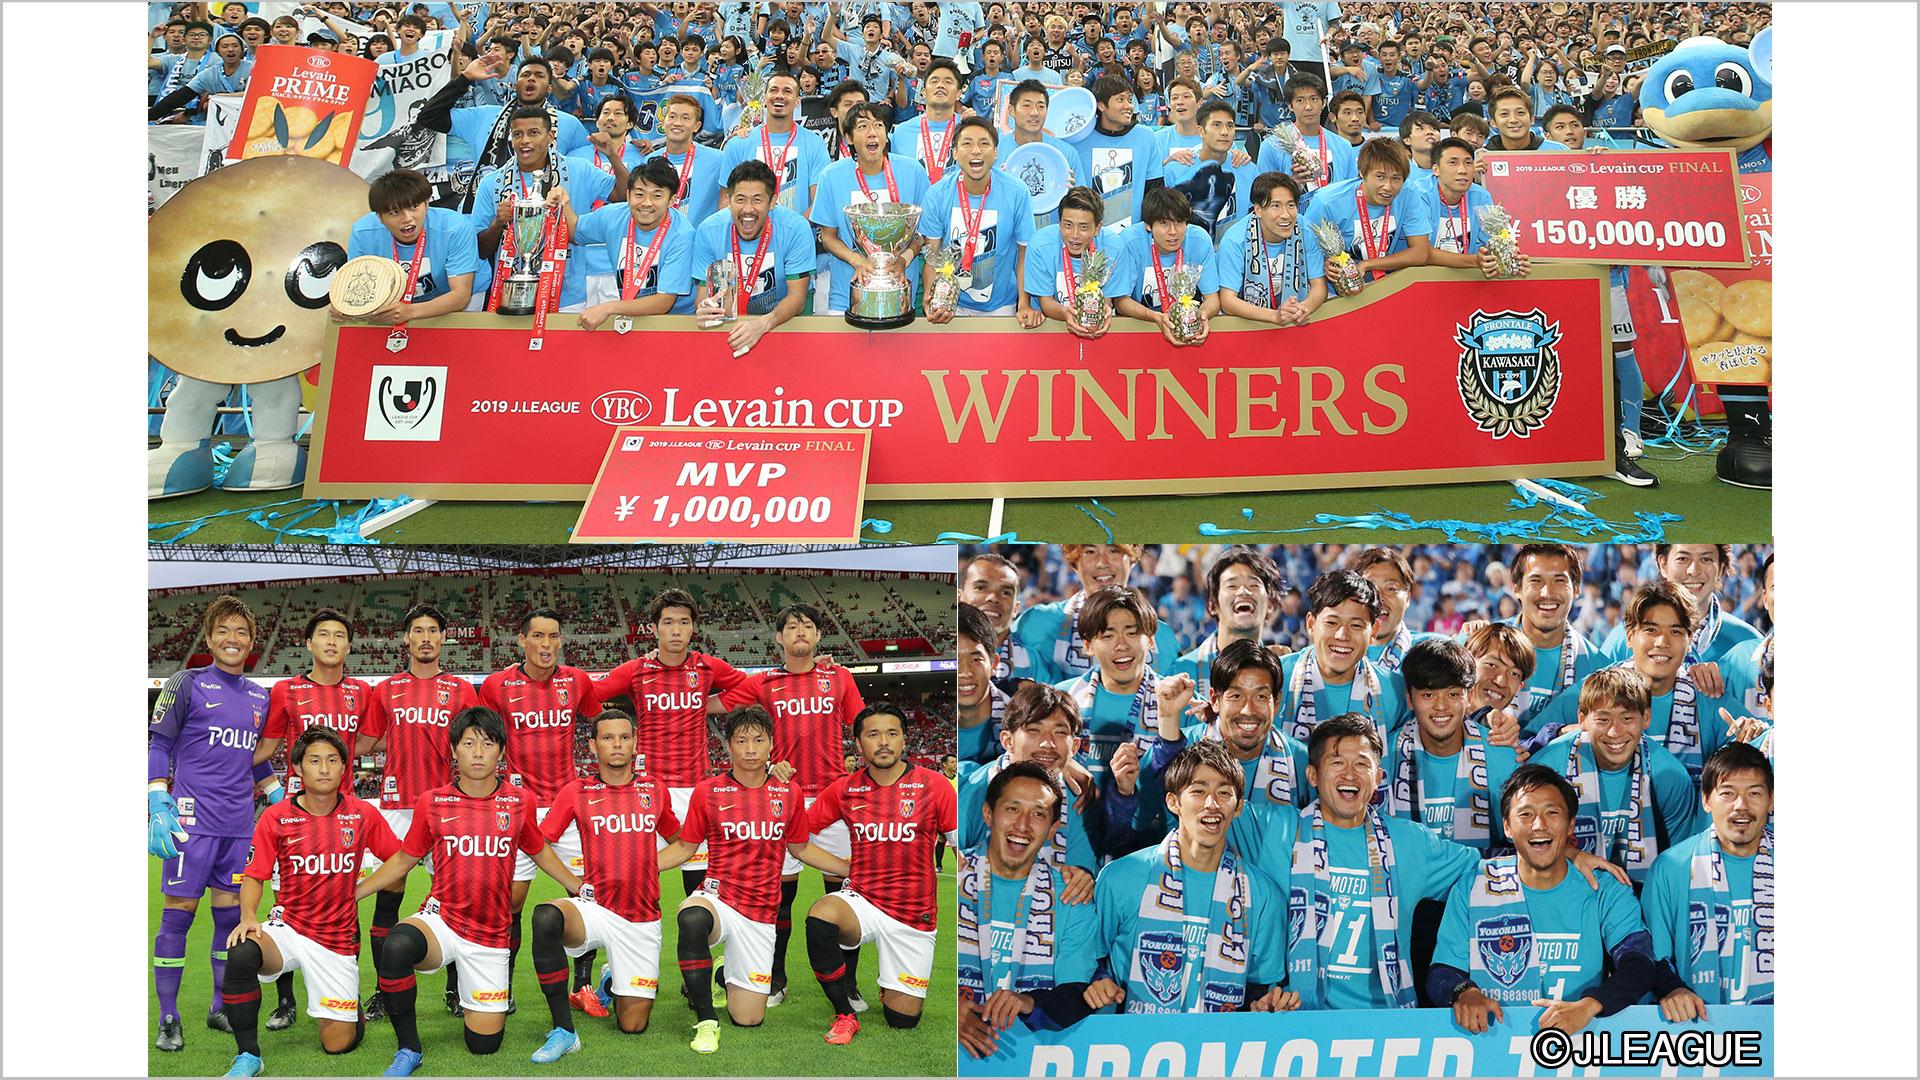 2020 JリーグYBCルヴァンカップ グループステージ 第2節 Dグループ 柏レイソル vs 湘南ベルマーレ